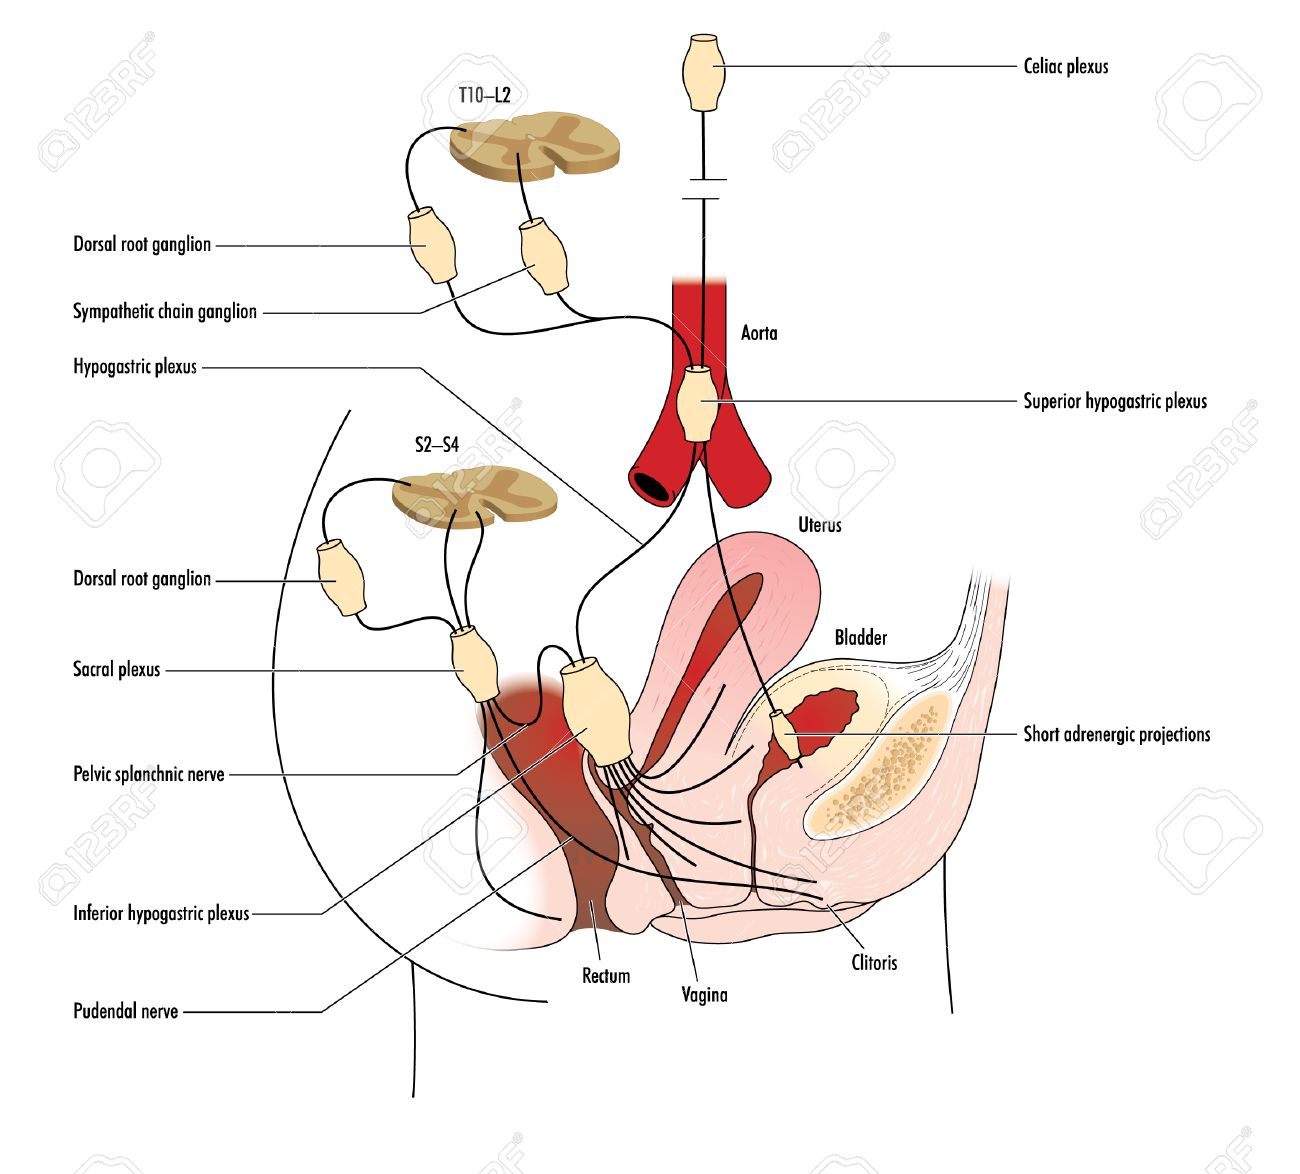 Zeichnung Der Nervenversorgung Der Gebärmutter, Vagina Und Rektum ...